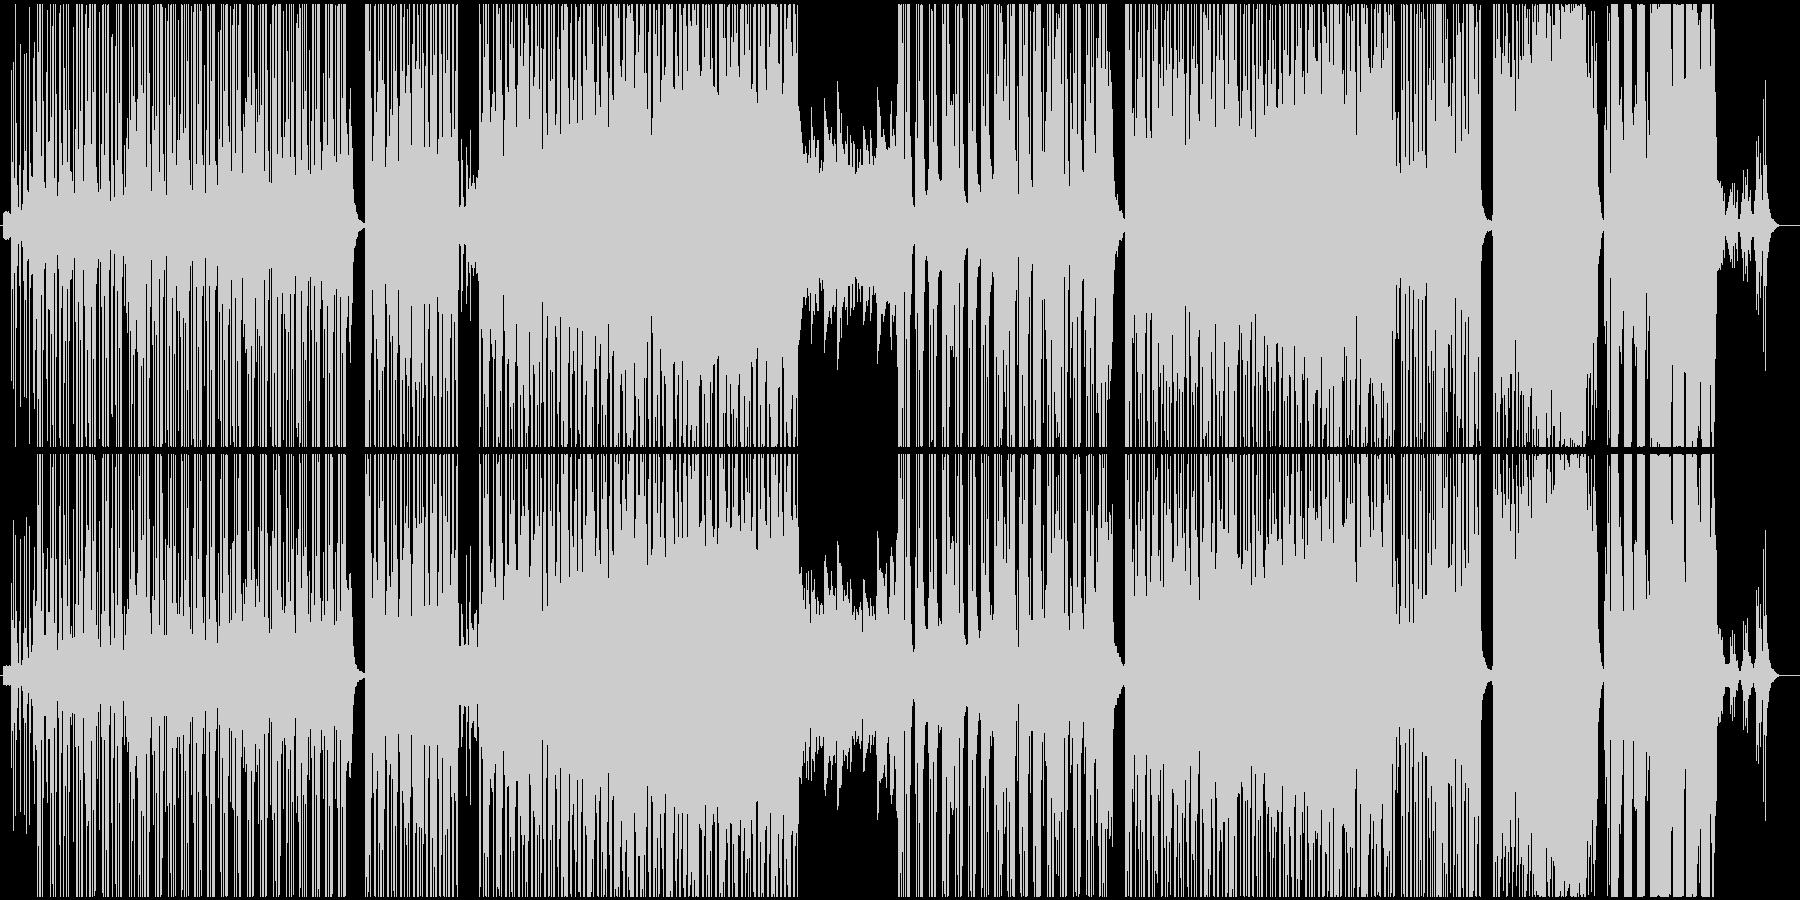 モダン テクノ ポップ ロック ア...の未再生の波形